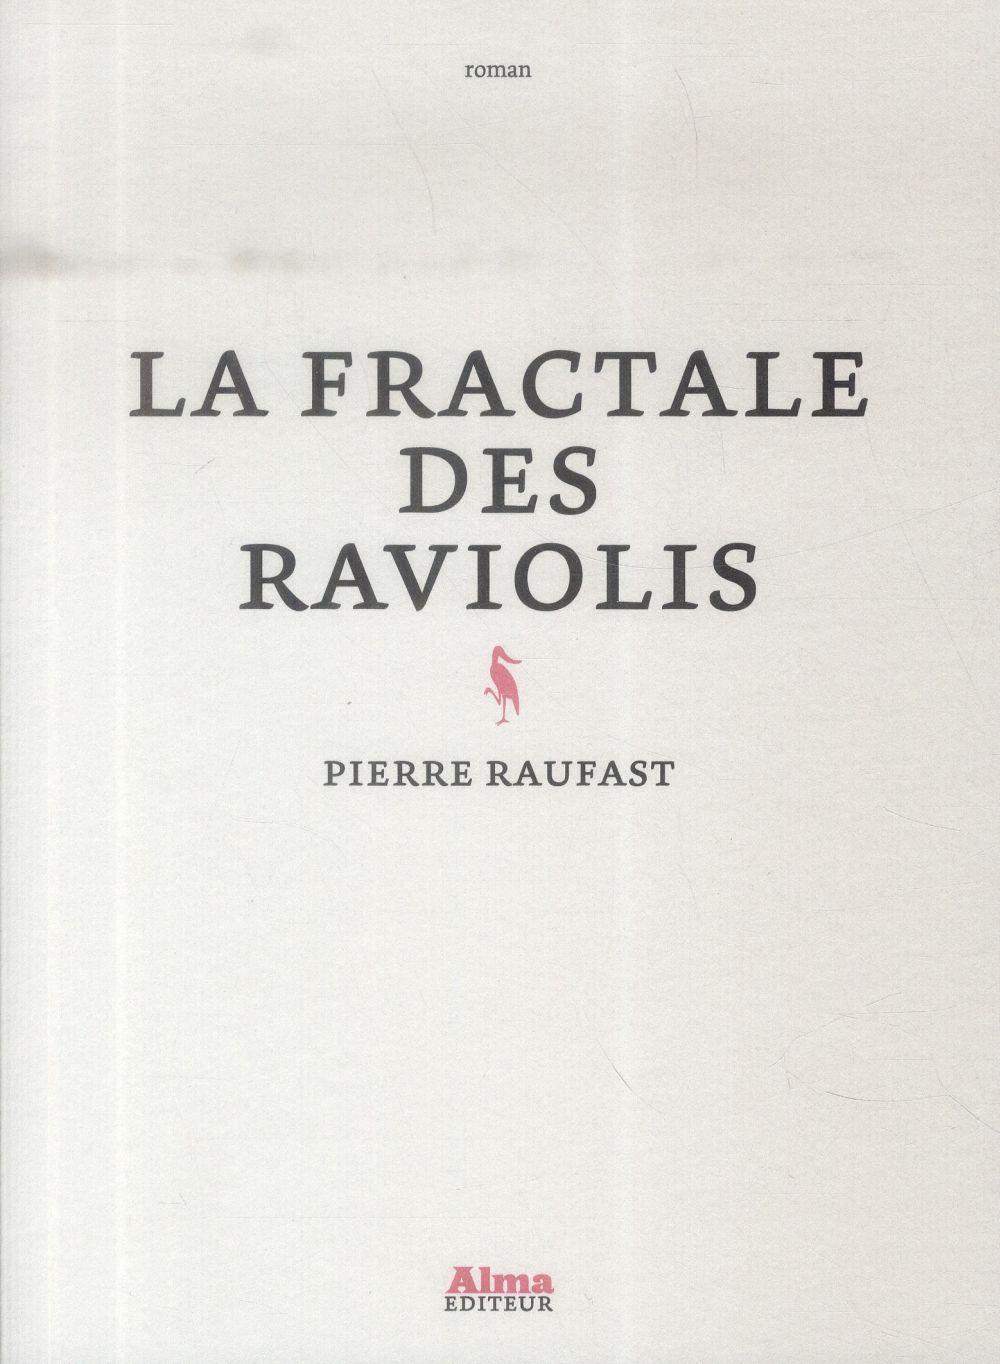 La-Fractale-des-raviolis-